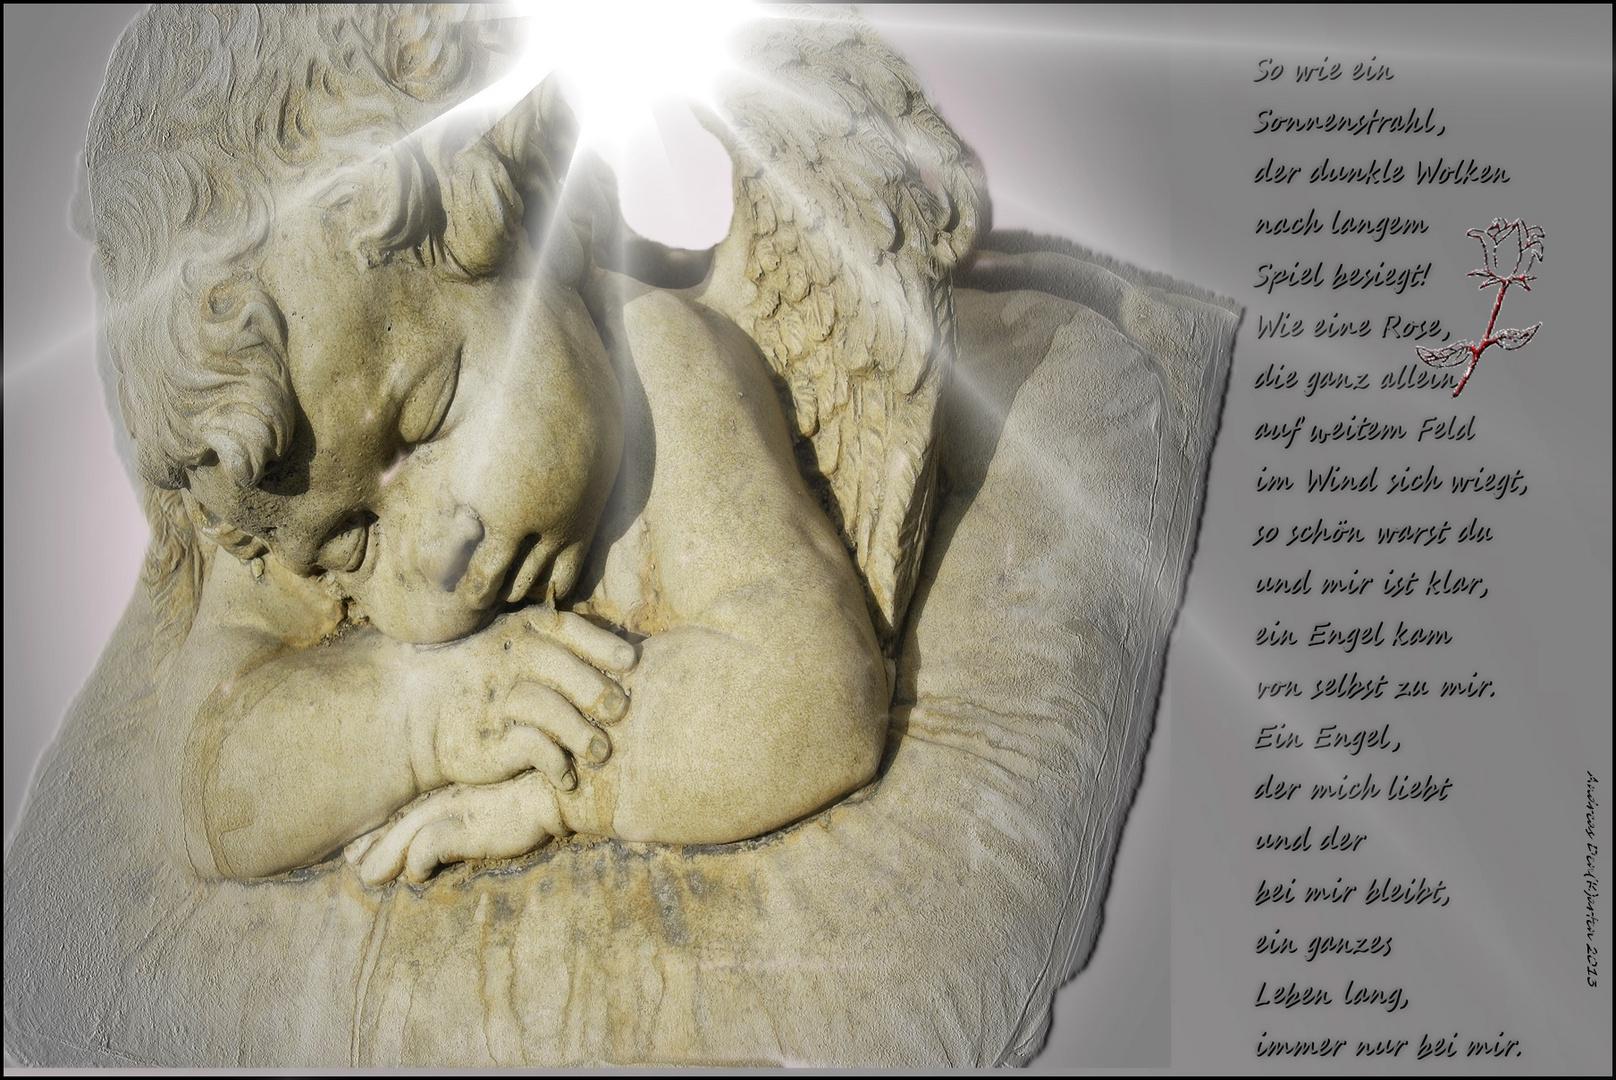 Ein Engel der mich liebt